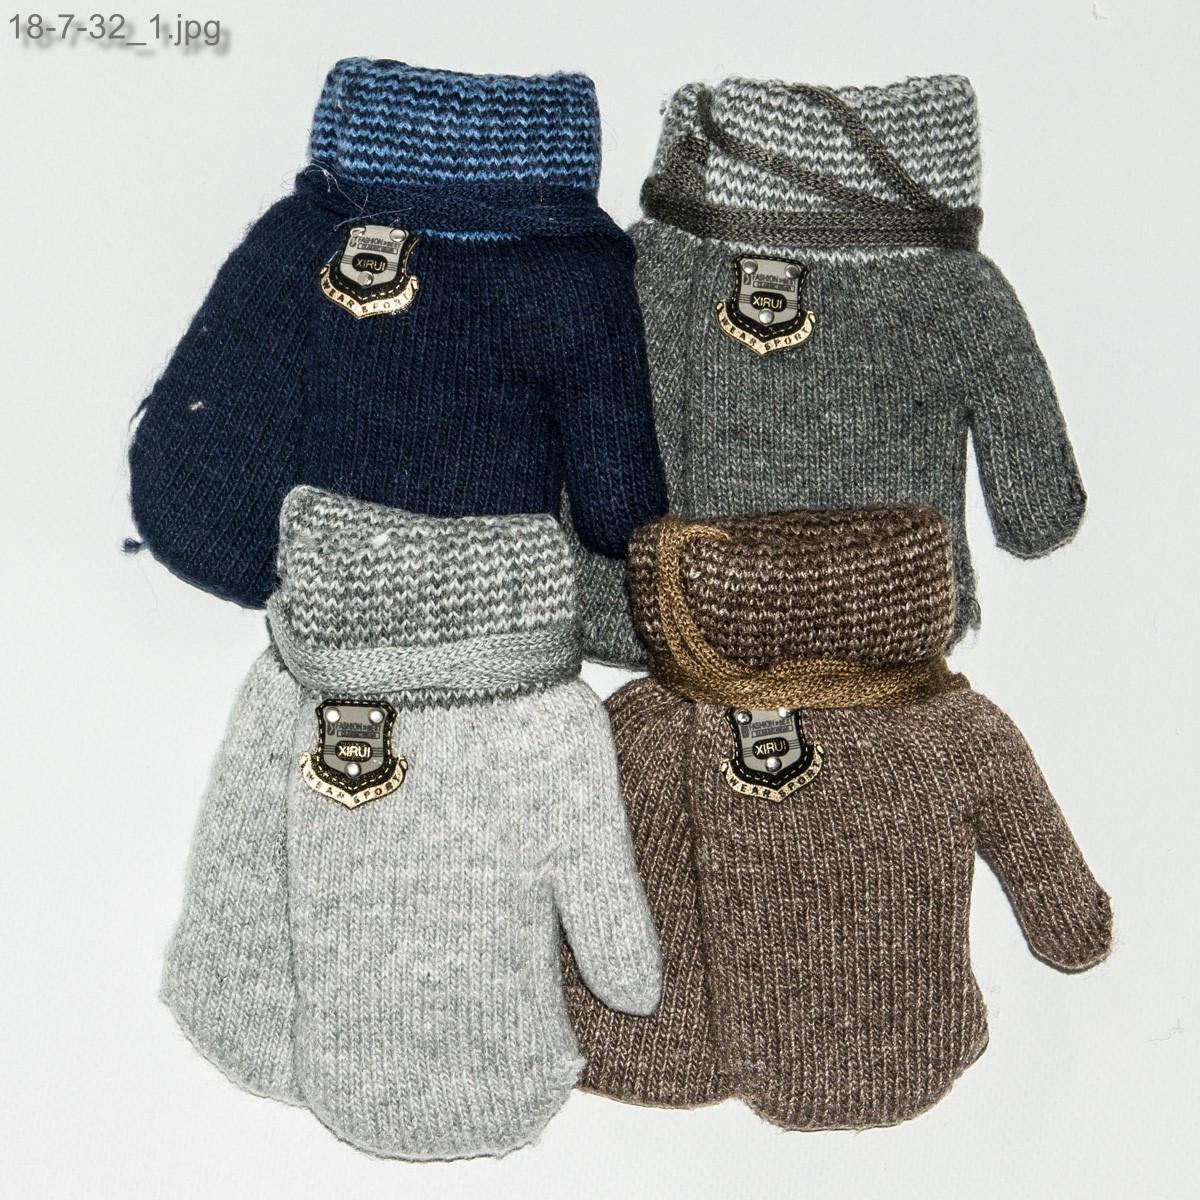 Детские варежки с меховой подкладкой для мальчика на 1-3 года - №18-7-32